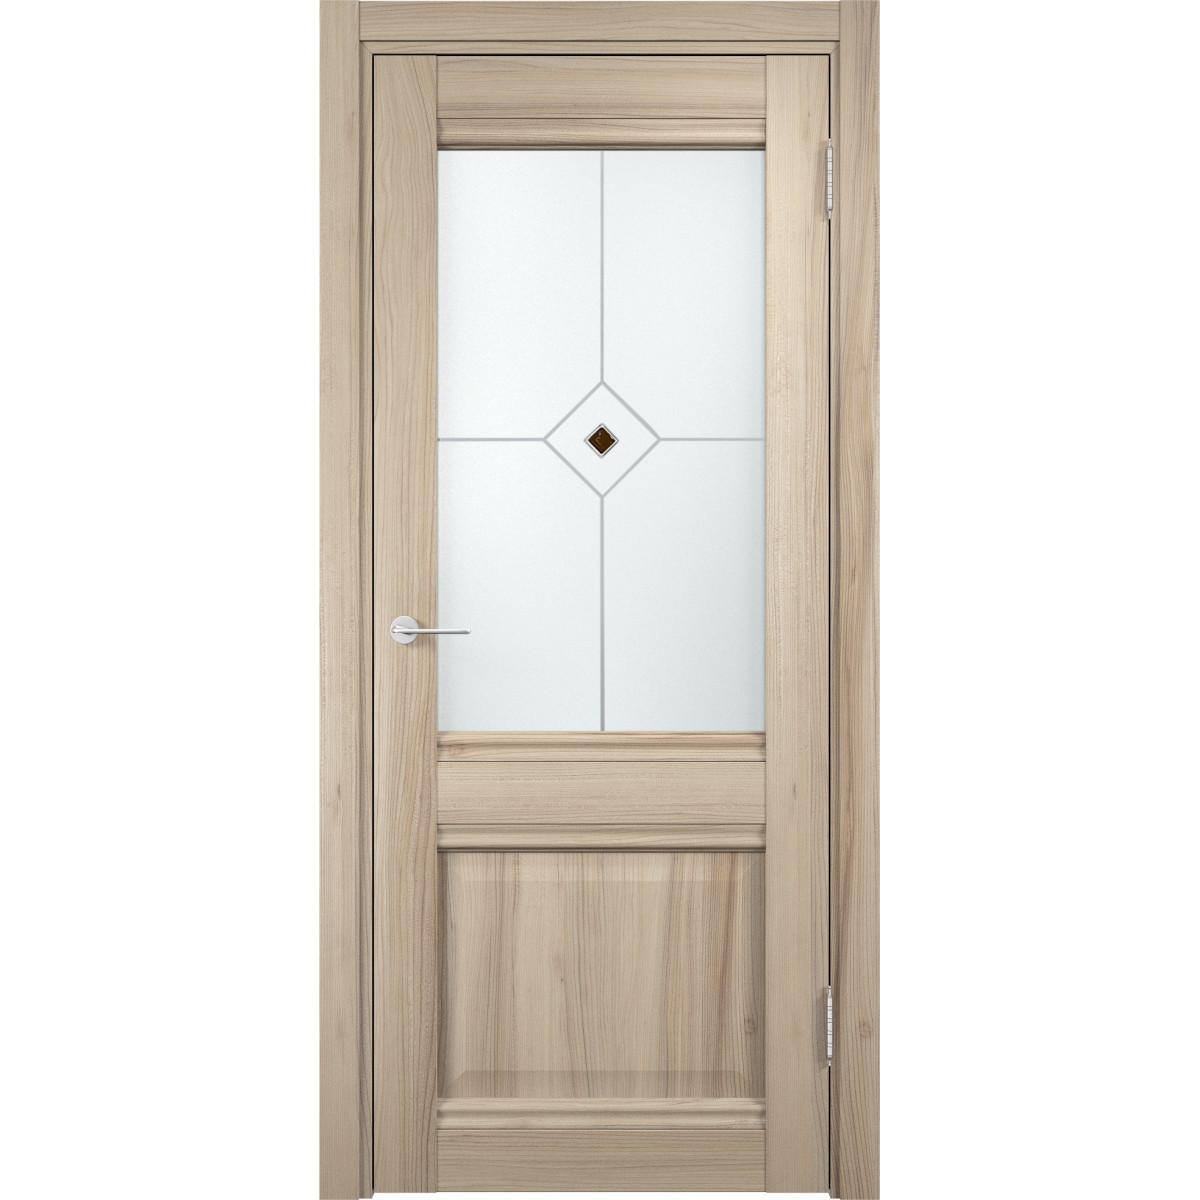 Дверное полотно Casaporte Милан МП_0169 2000х700х44 мм МДФ